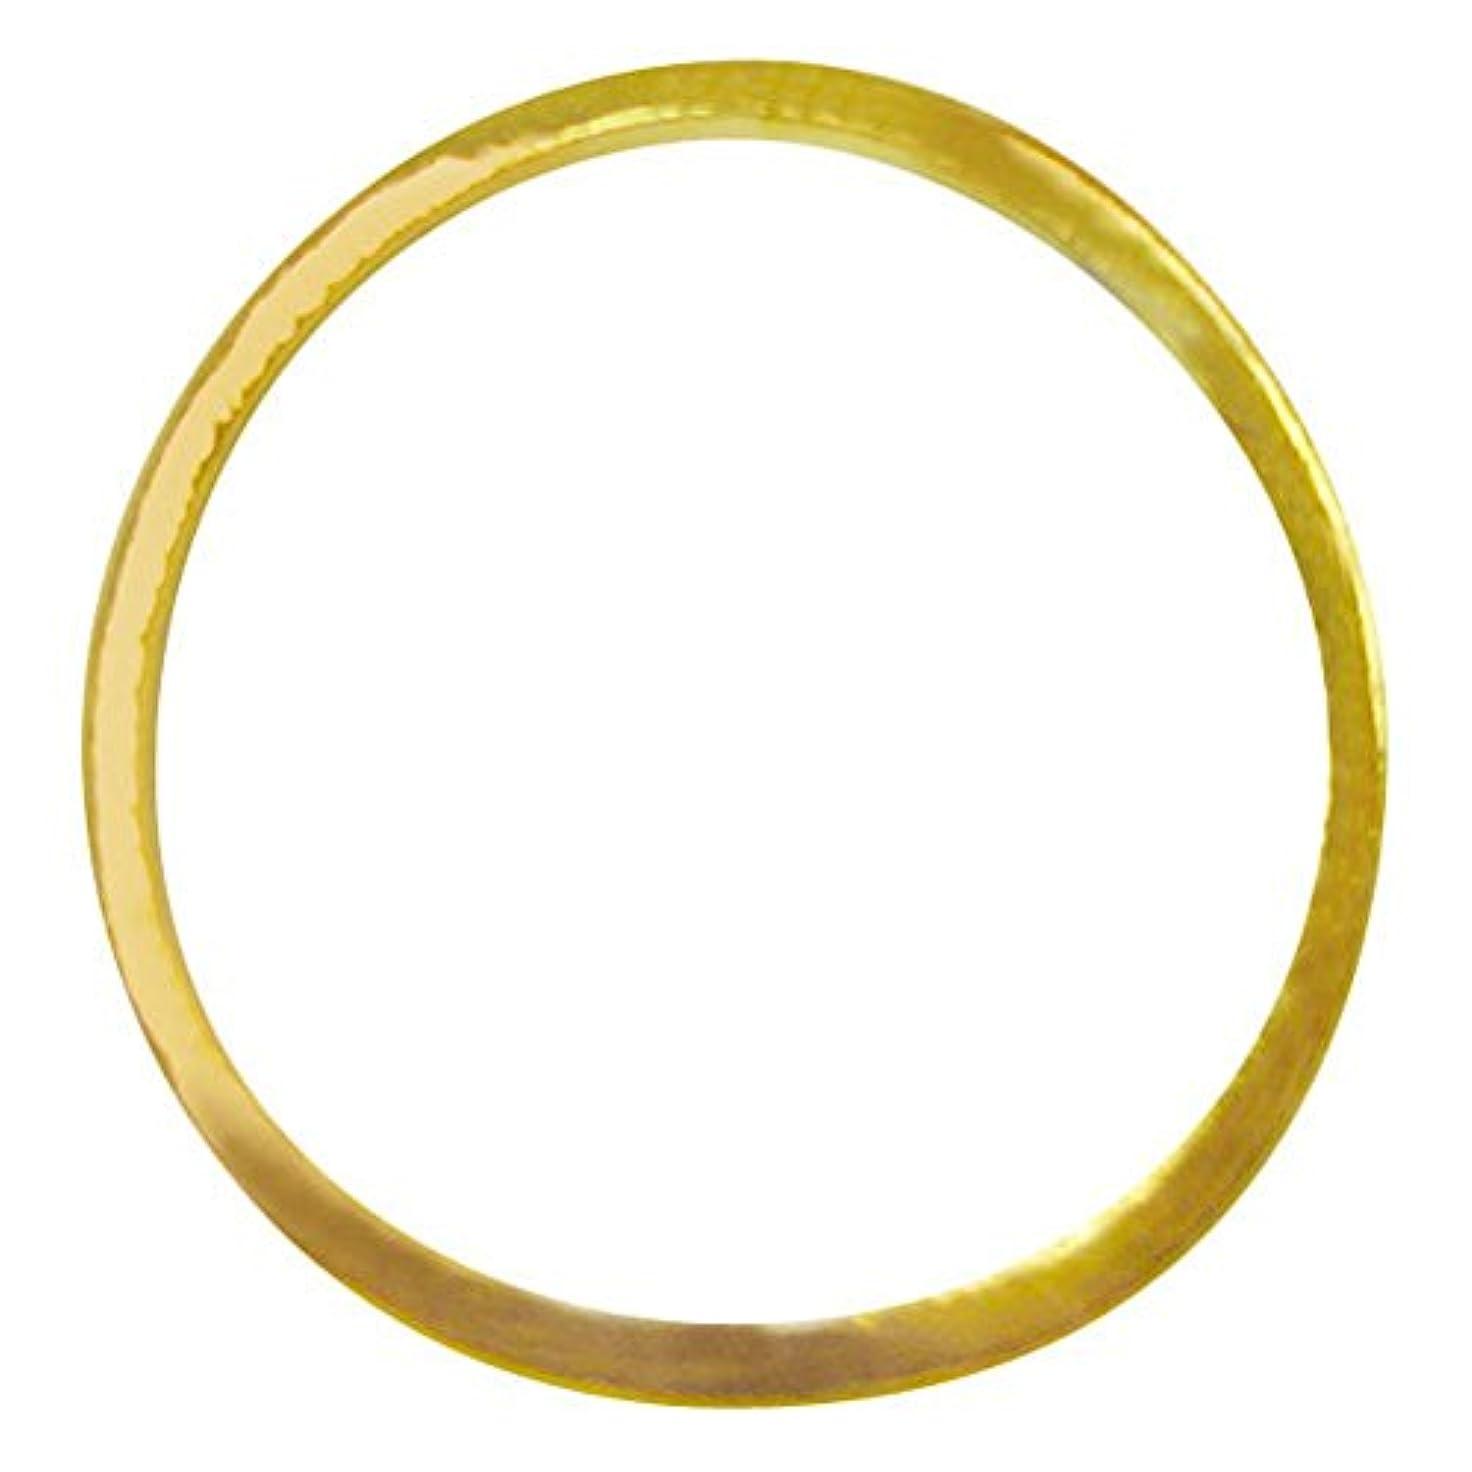 ぼんやりした経過稚魚ジェルネイル  サンシャインベビー シンプル ラウンドフレームL(ゴールド) 10P